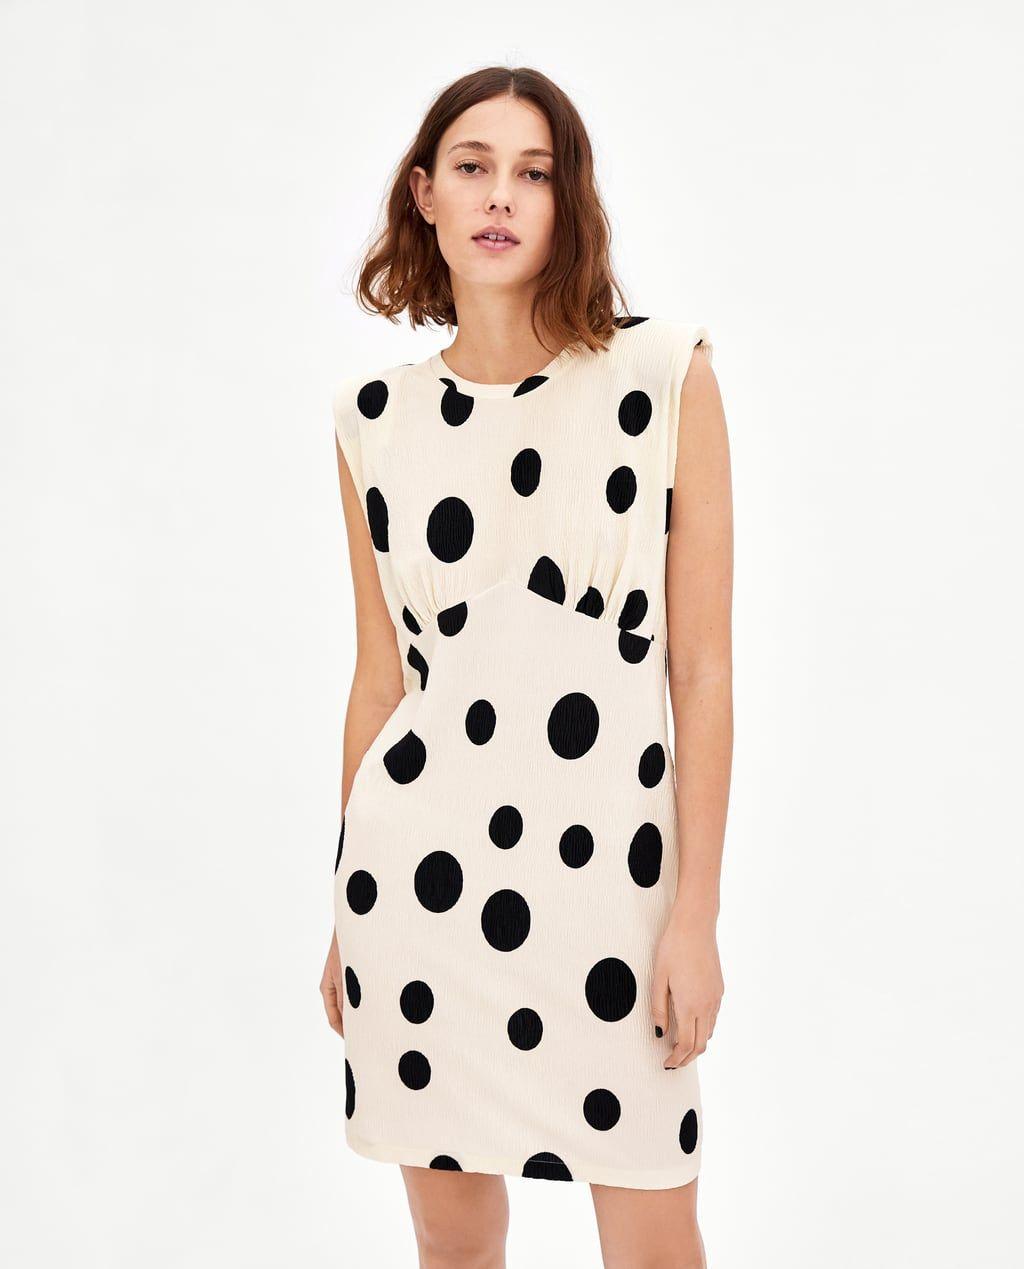 8f5b702f Ribbed t-shirt   April 18 Wishlist   Tiger print dress, Dresses ...